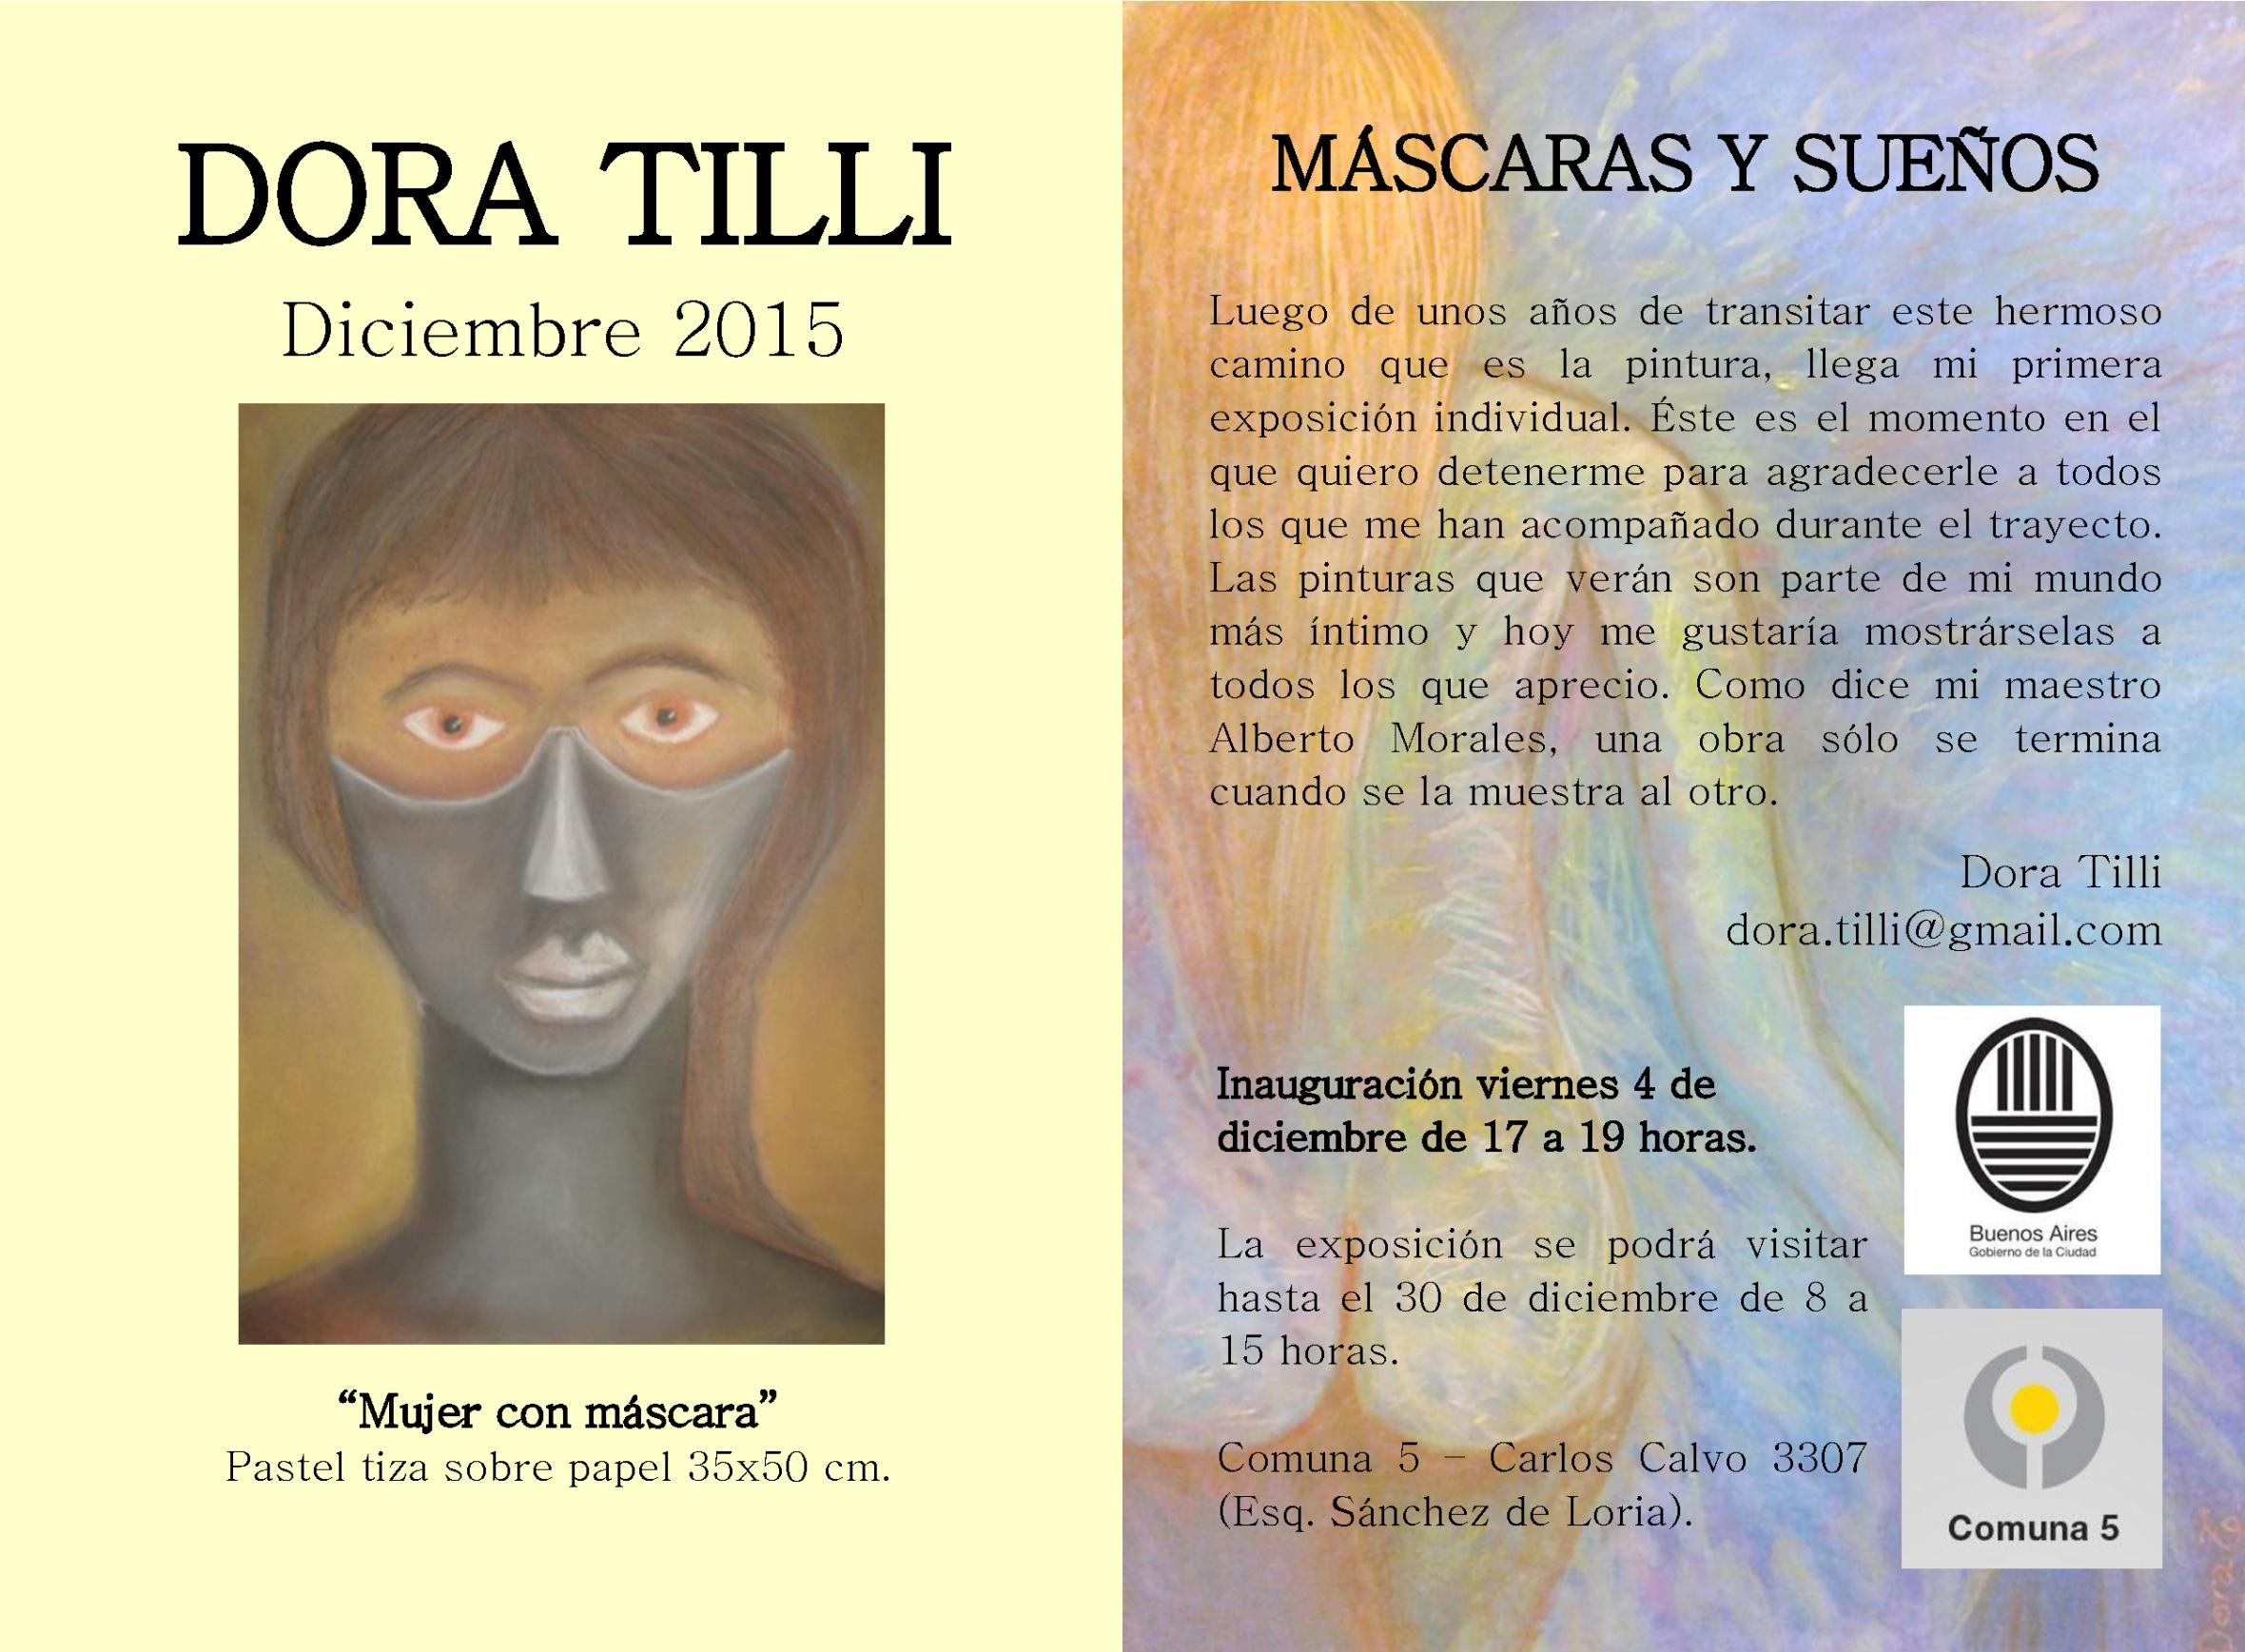 Expo Mascaras